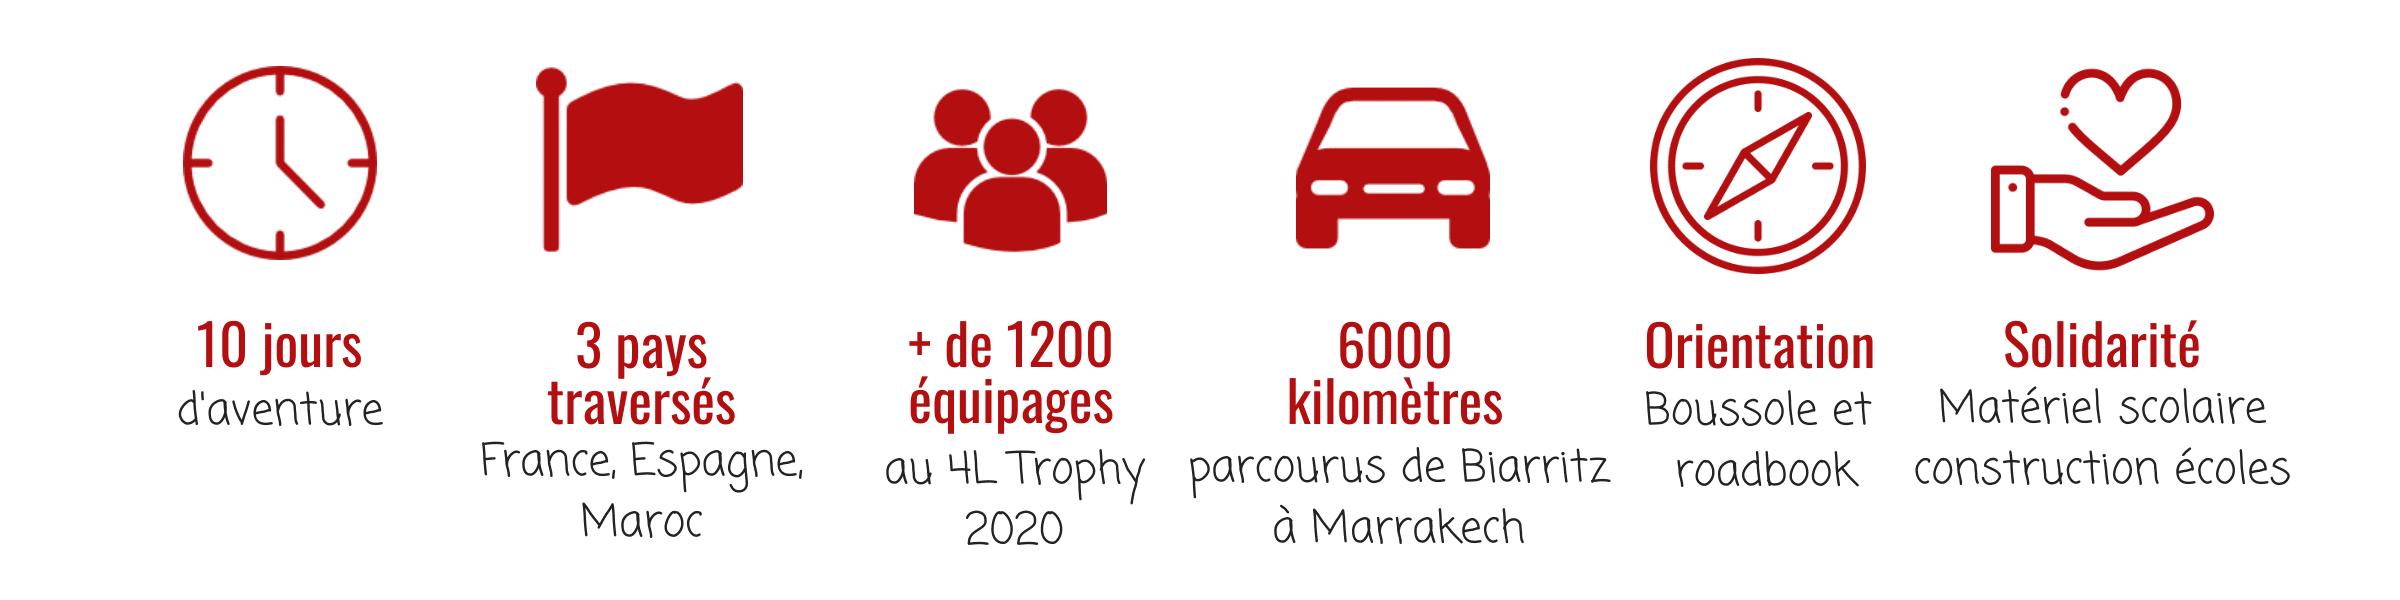 aventure 4L Trophy 2020